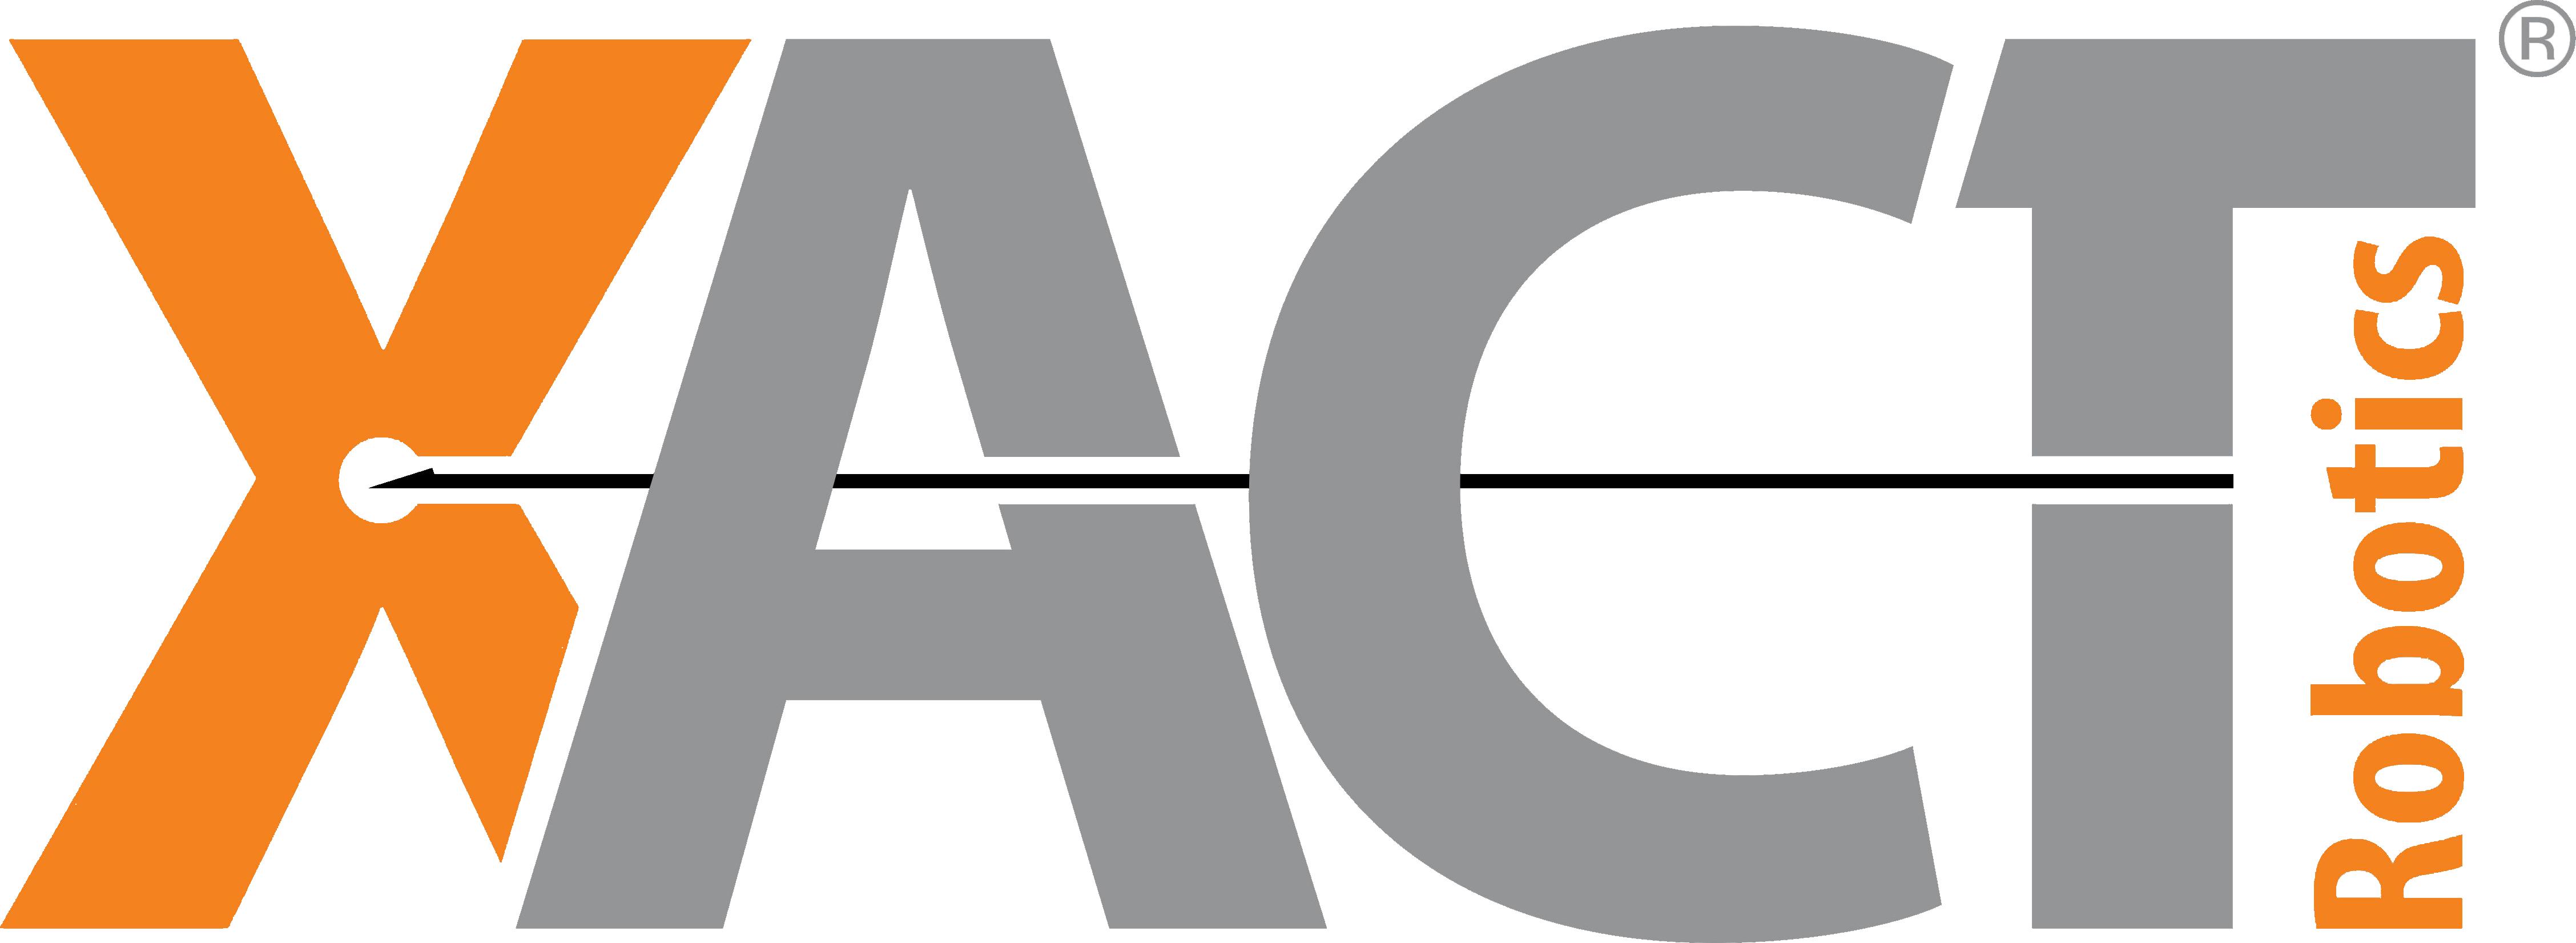 xact-logo